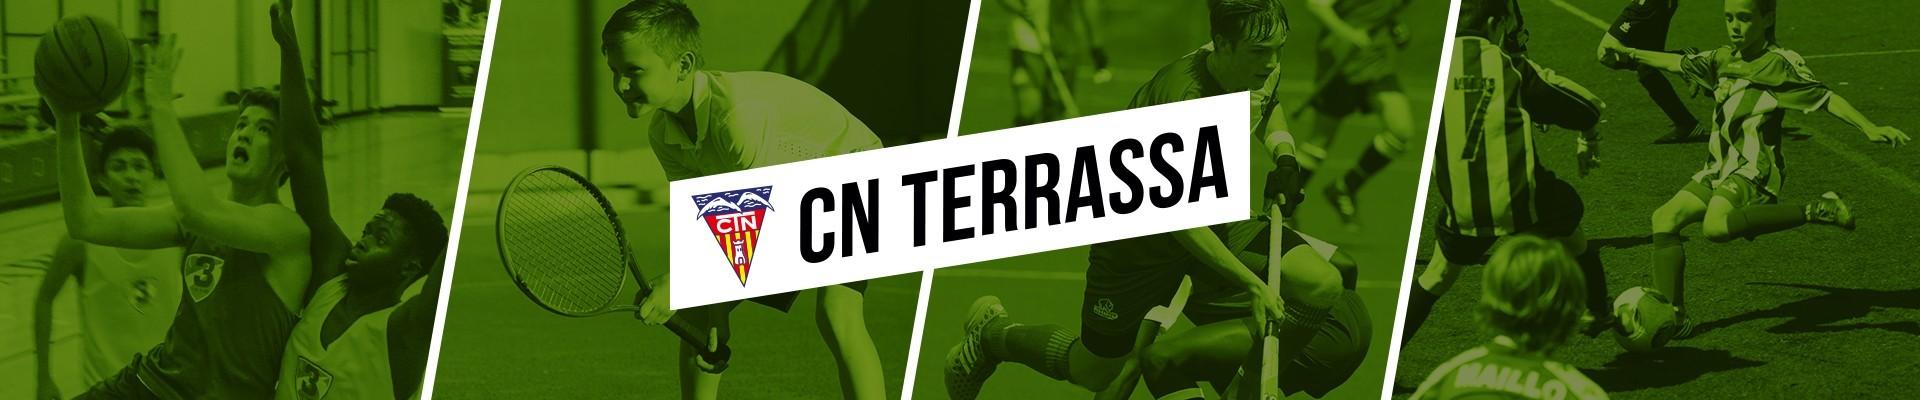 CN TERRASSA